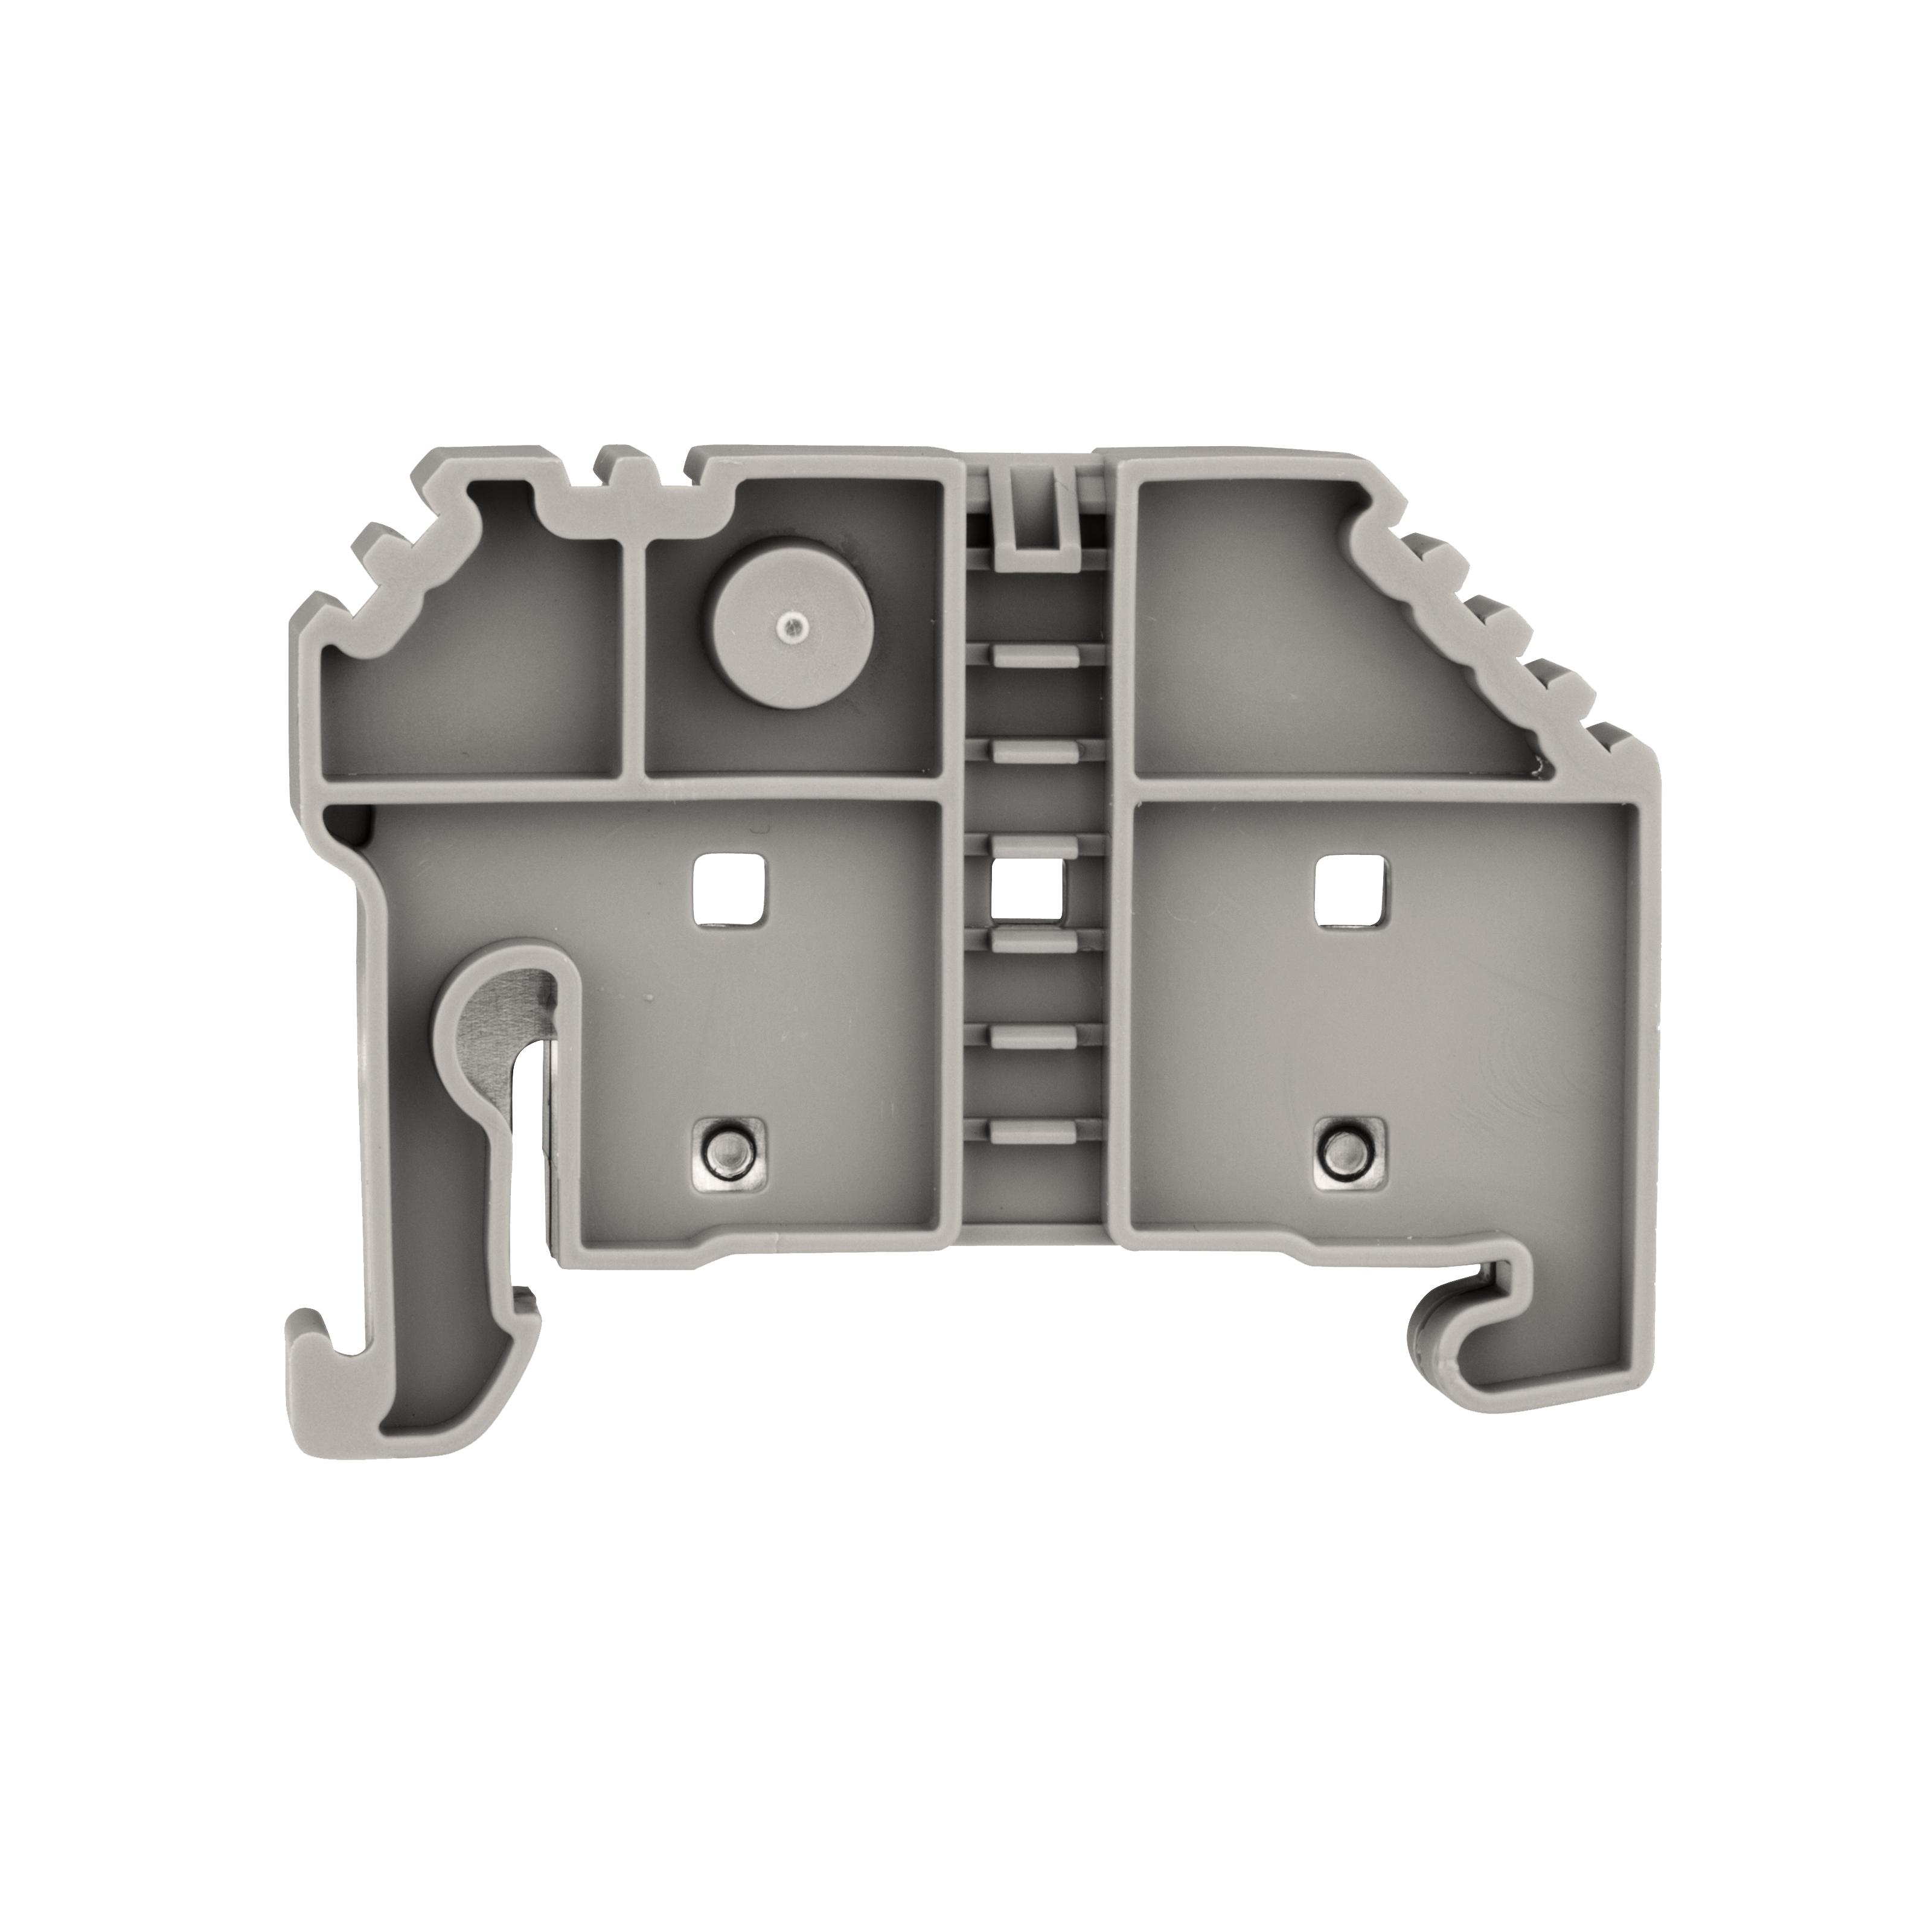 1 Stk Endhalter für DIN-Schiene, für Federkraftklemmen IK623002--